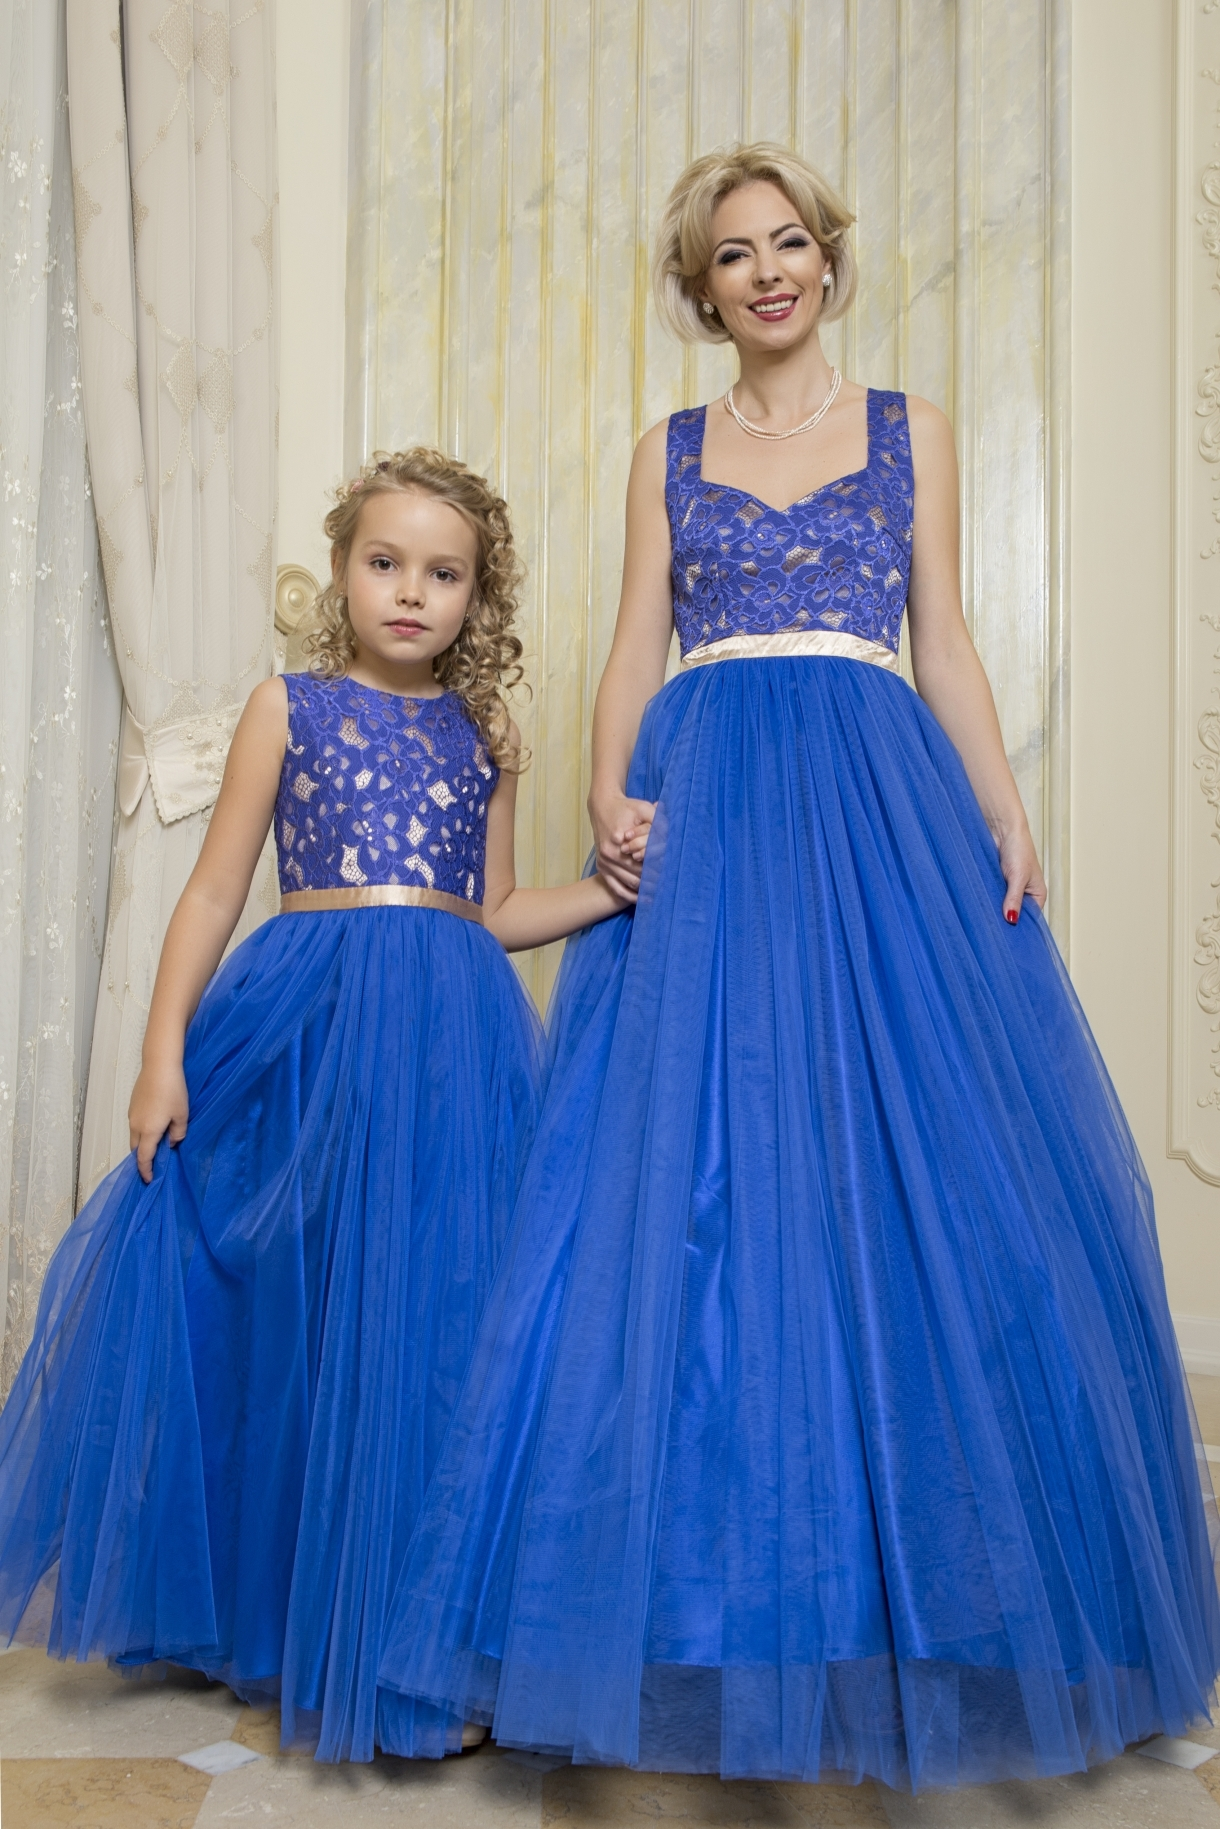 Rochii Mama Fiica De La Family Fashion By Luiza Willems